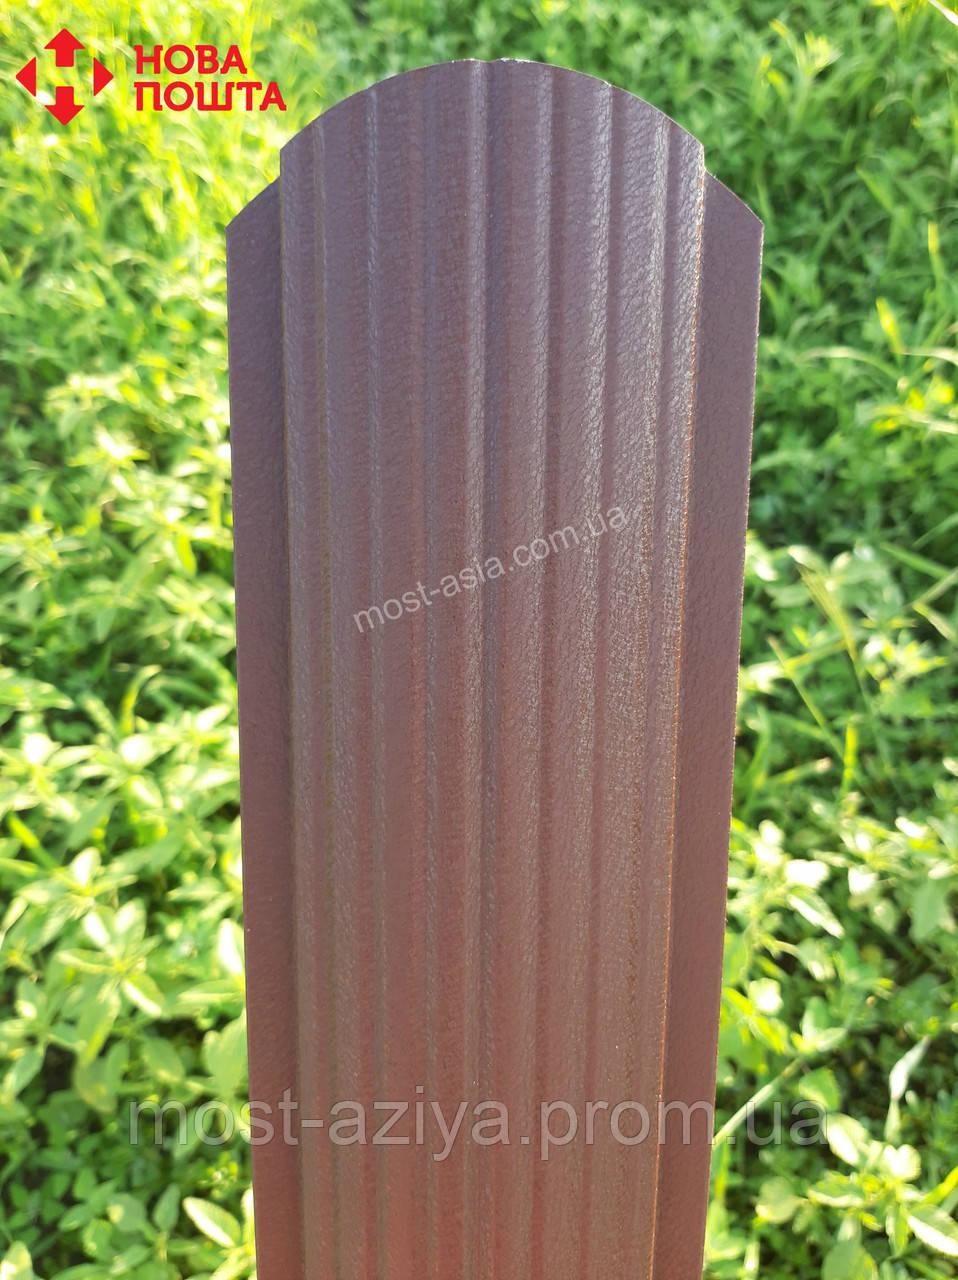 Штакет коричневий матовий двосторонній, Металевий штакет RAL8017 PEMA, Паркан з евроштакета